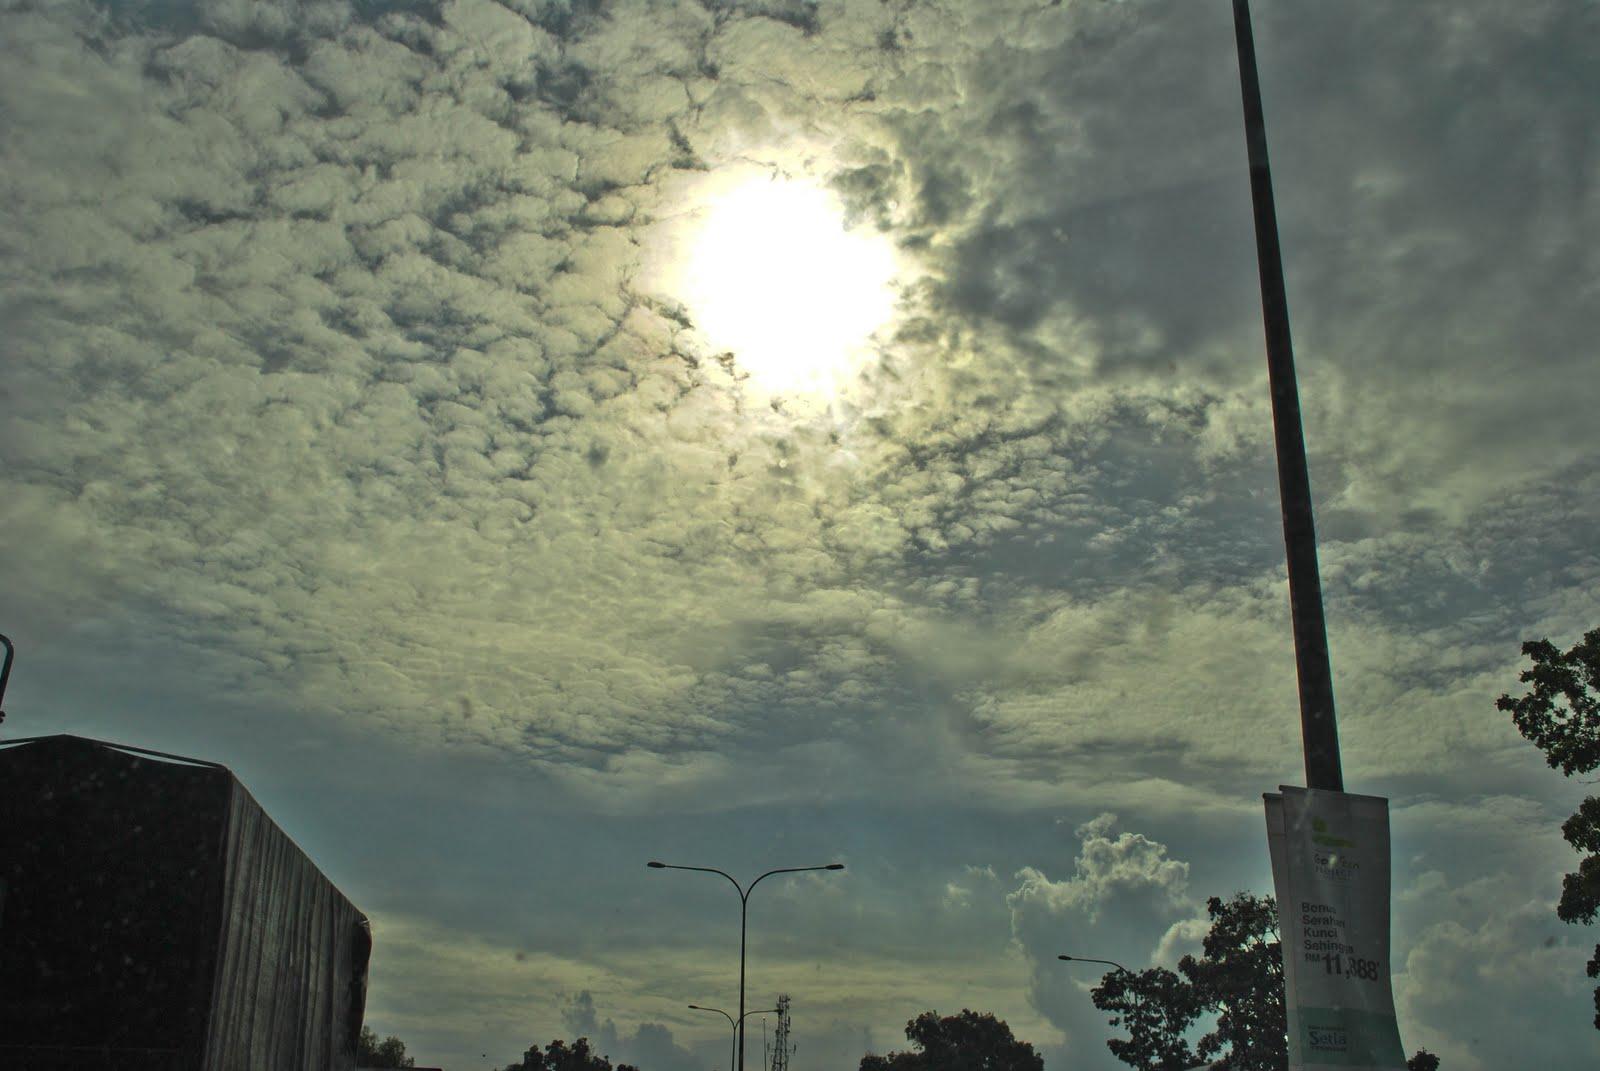 http://3.bp.blogspot.com/_PavWcAiPubw/TQS9cHekusI/AAAAAAAABEg/vwWDW3FECRU/s1600/DSC_0087.jpg